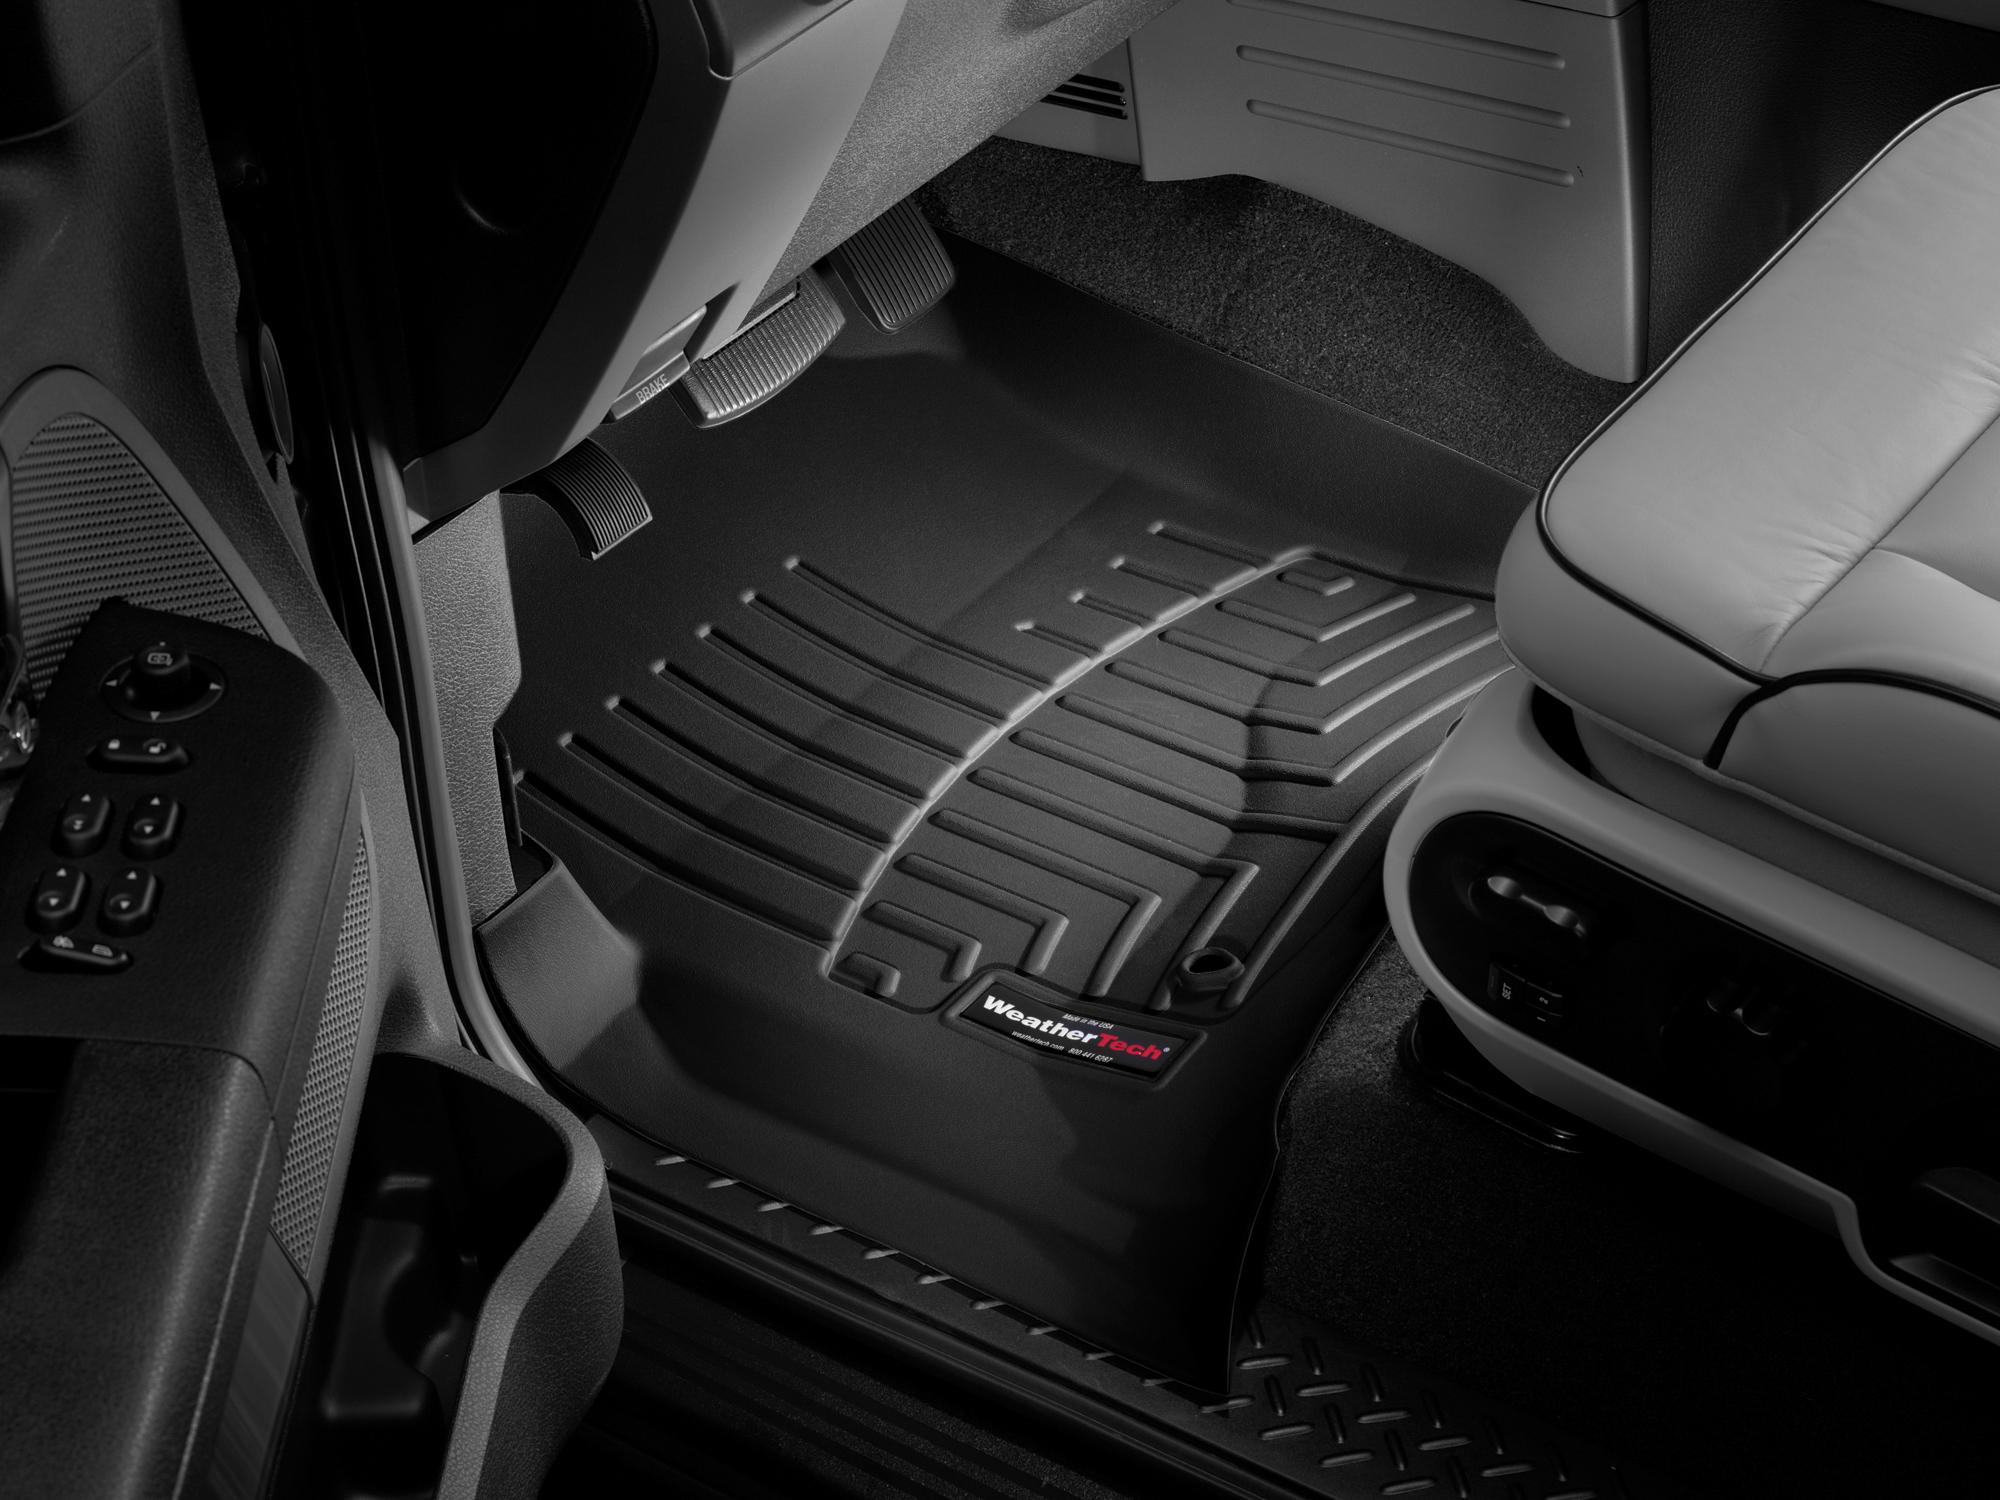 Tappeti gomma su misura bordo alto Ford F-150 05>08 Nero A892*